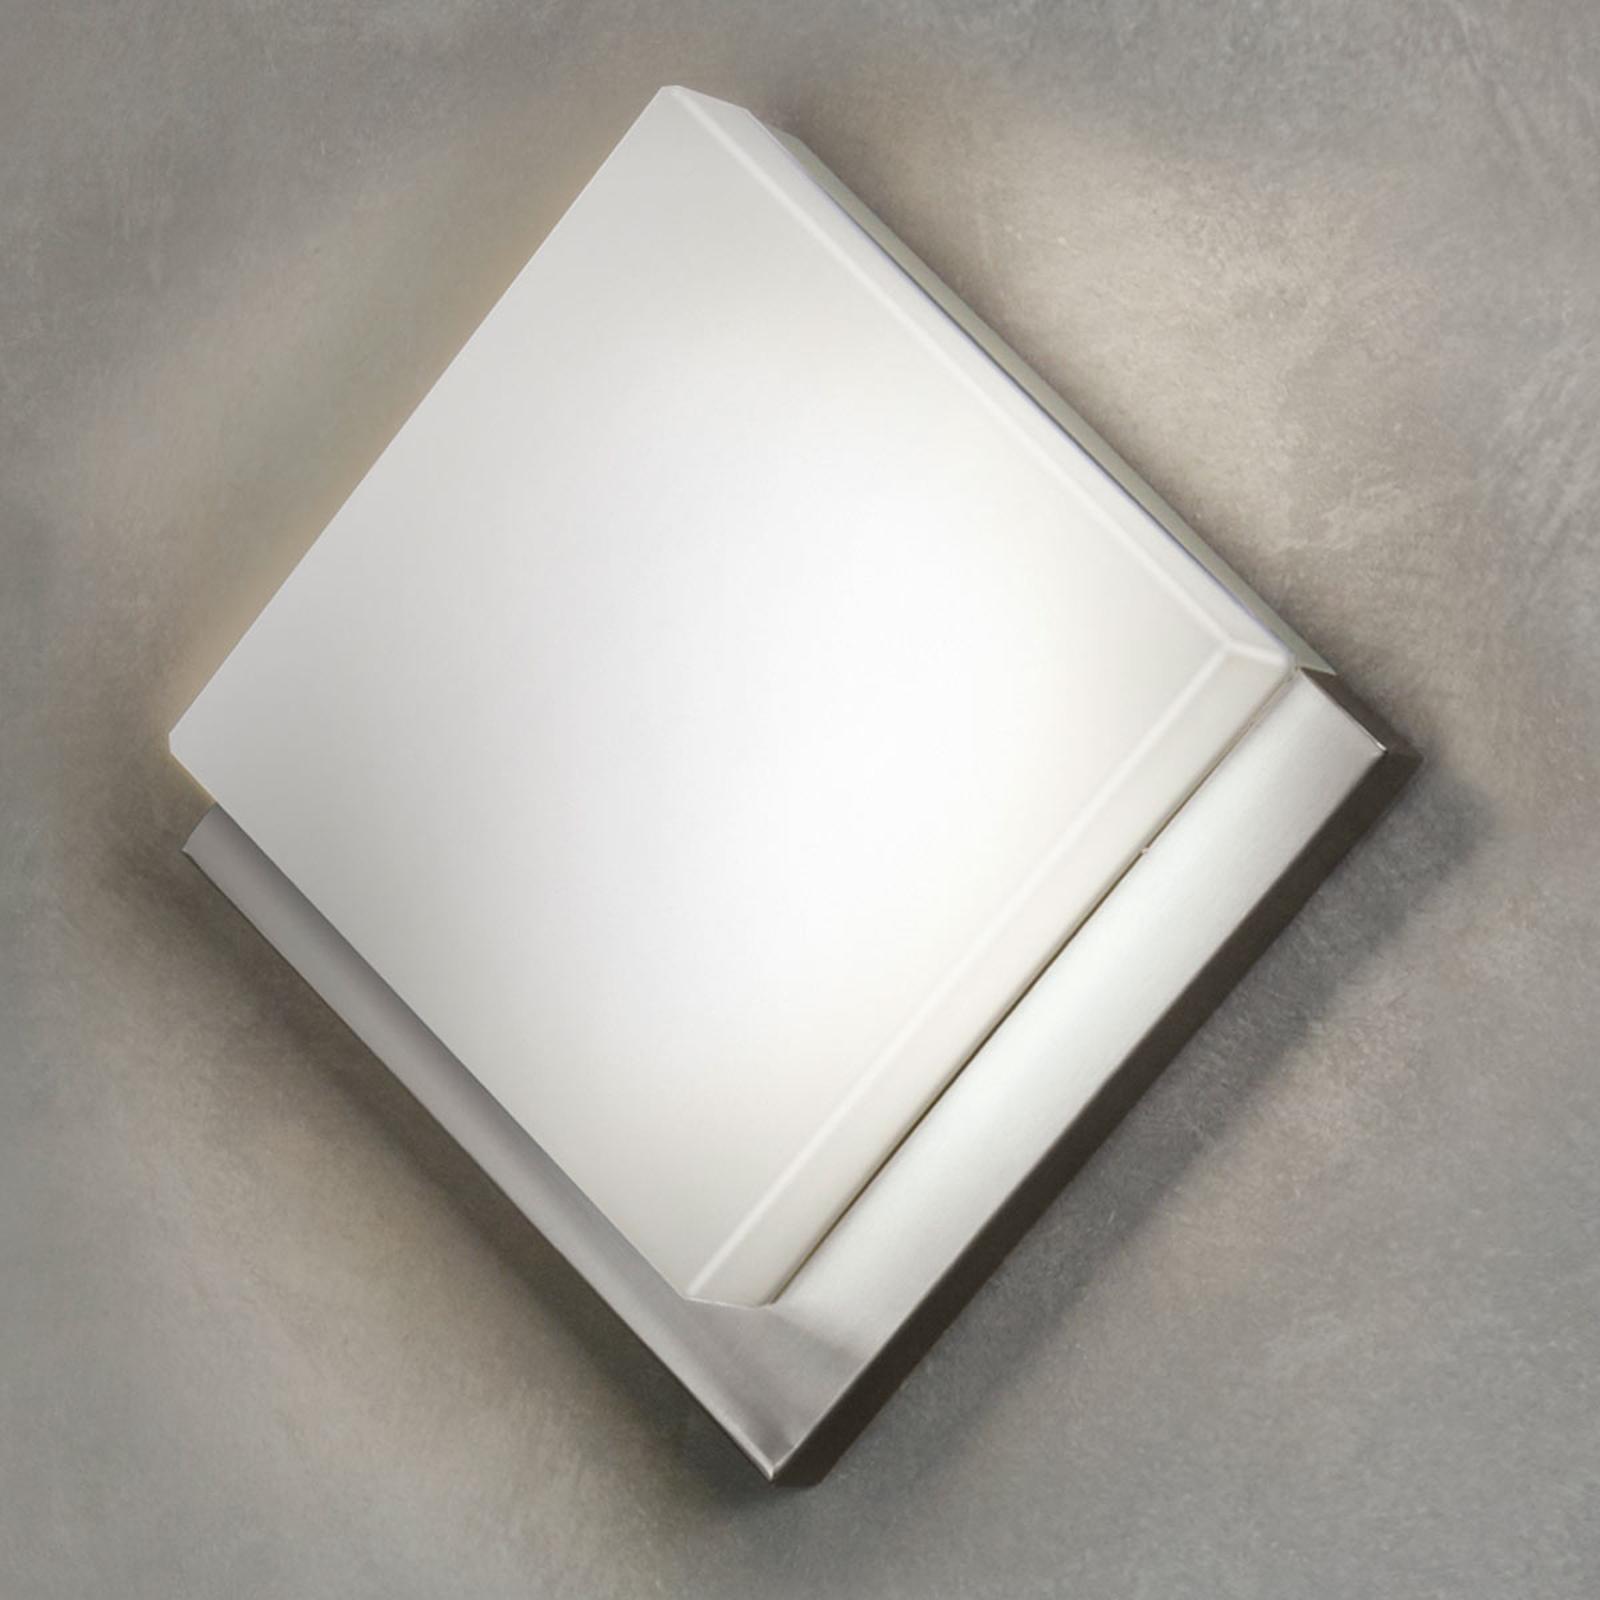 Ruteformet, utendørs LED-vegglampe Infesto 1